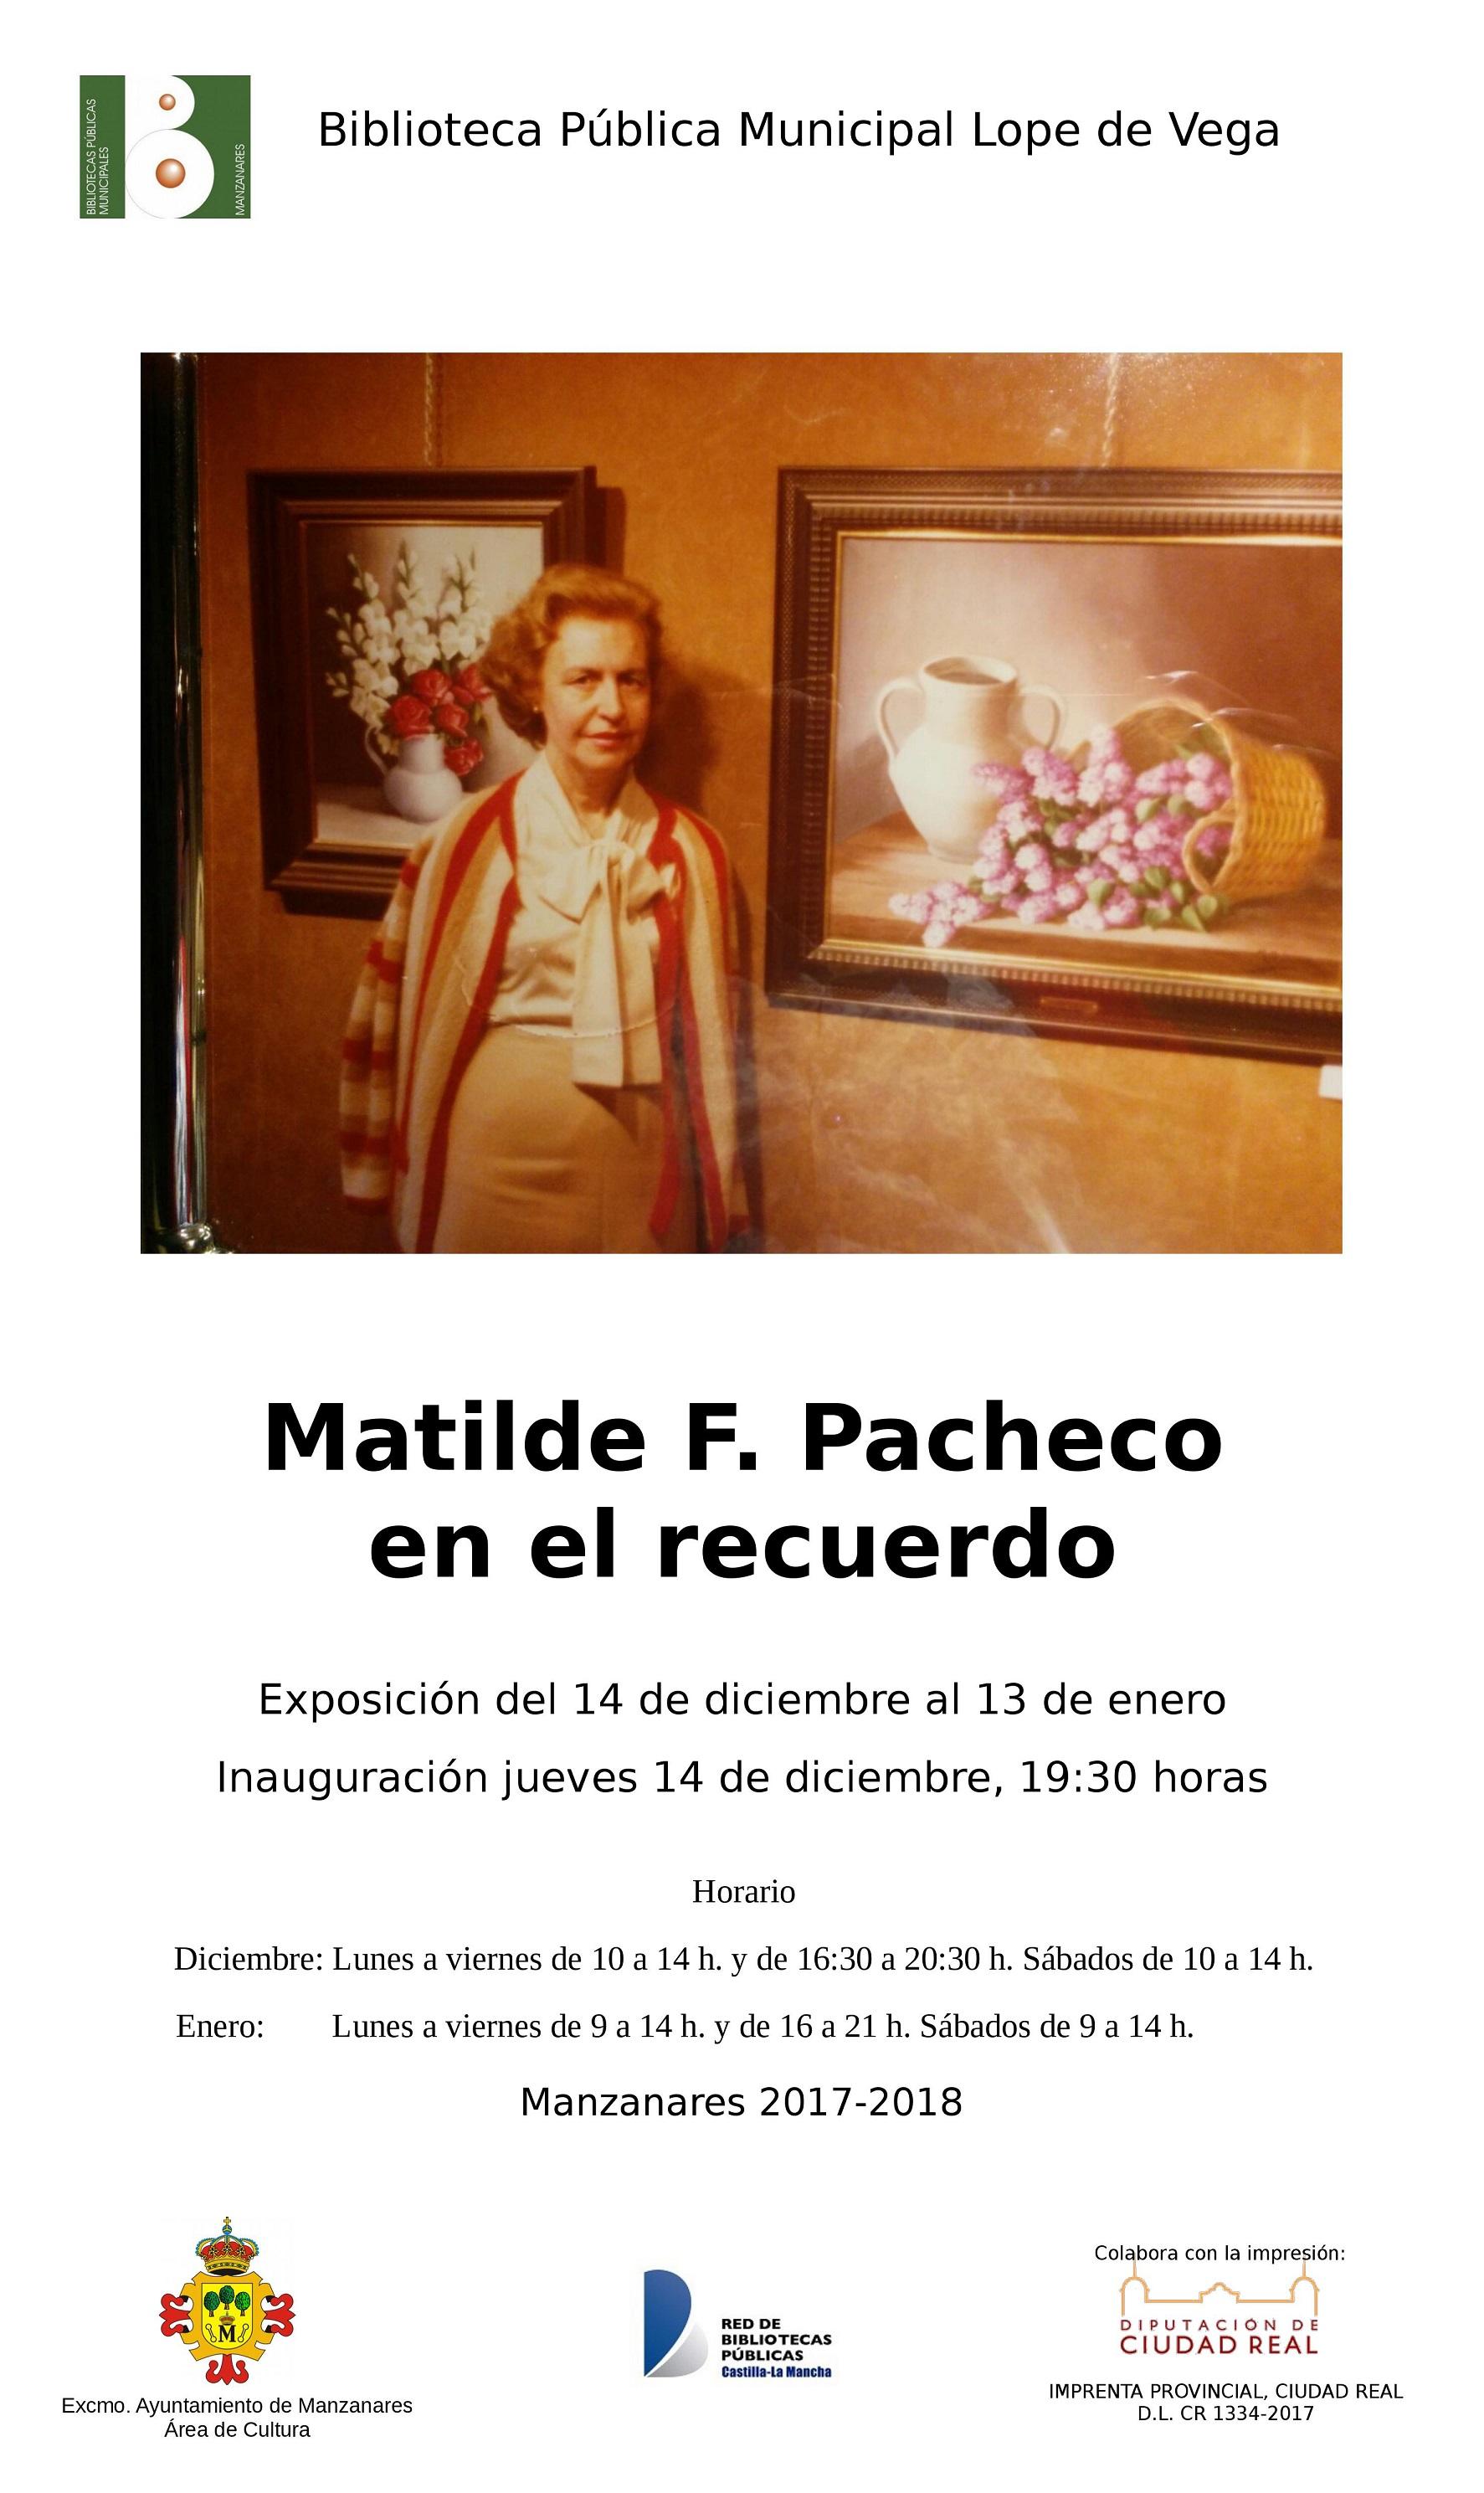 Imagen de la actividad Exposición: Matilde F. Pacheco en el recuerdo